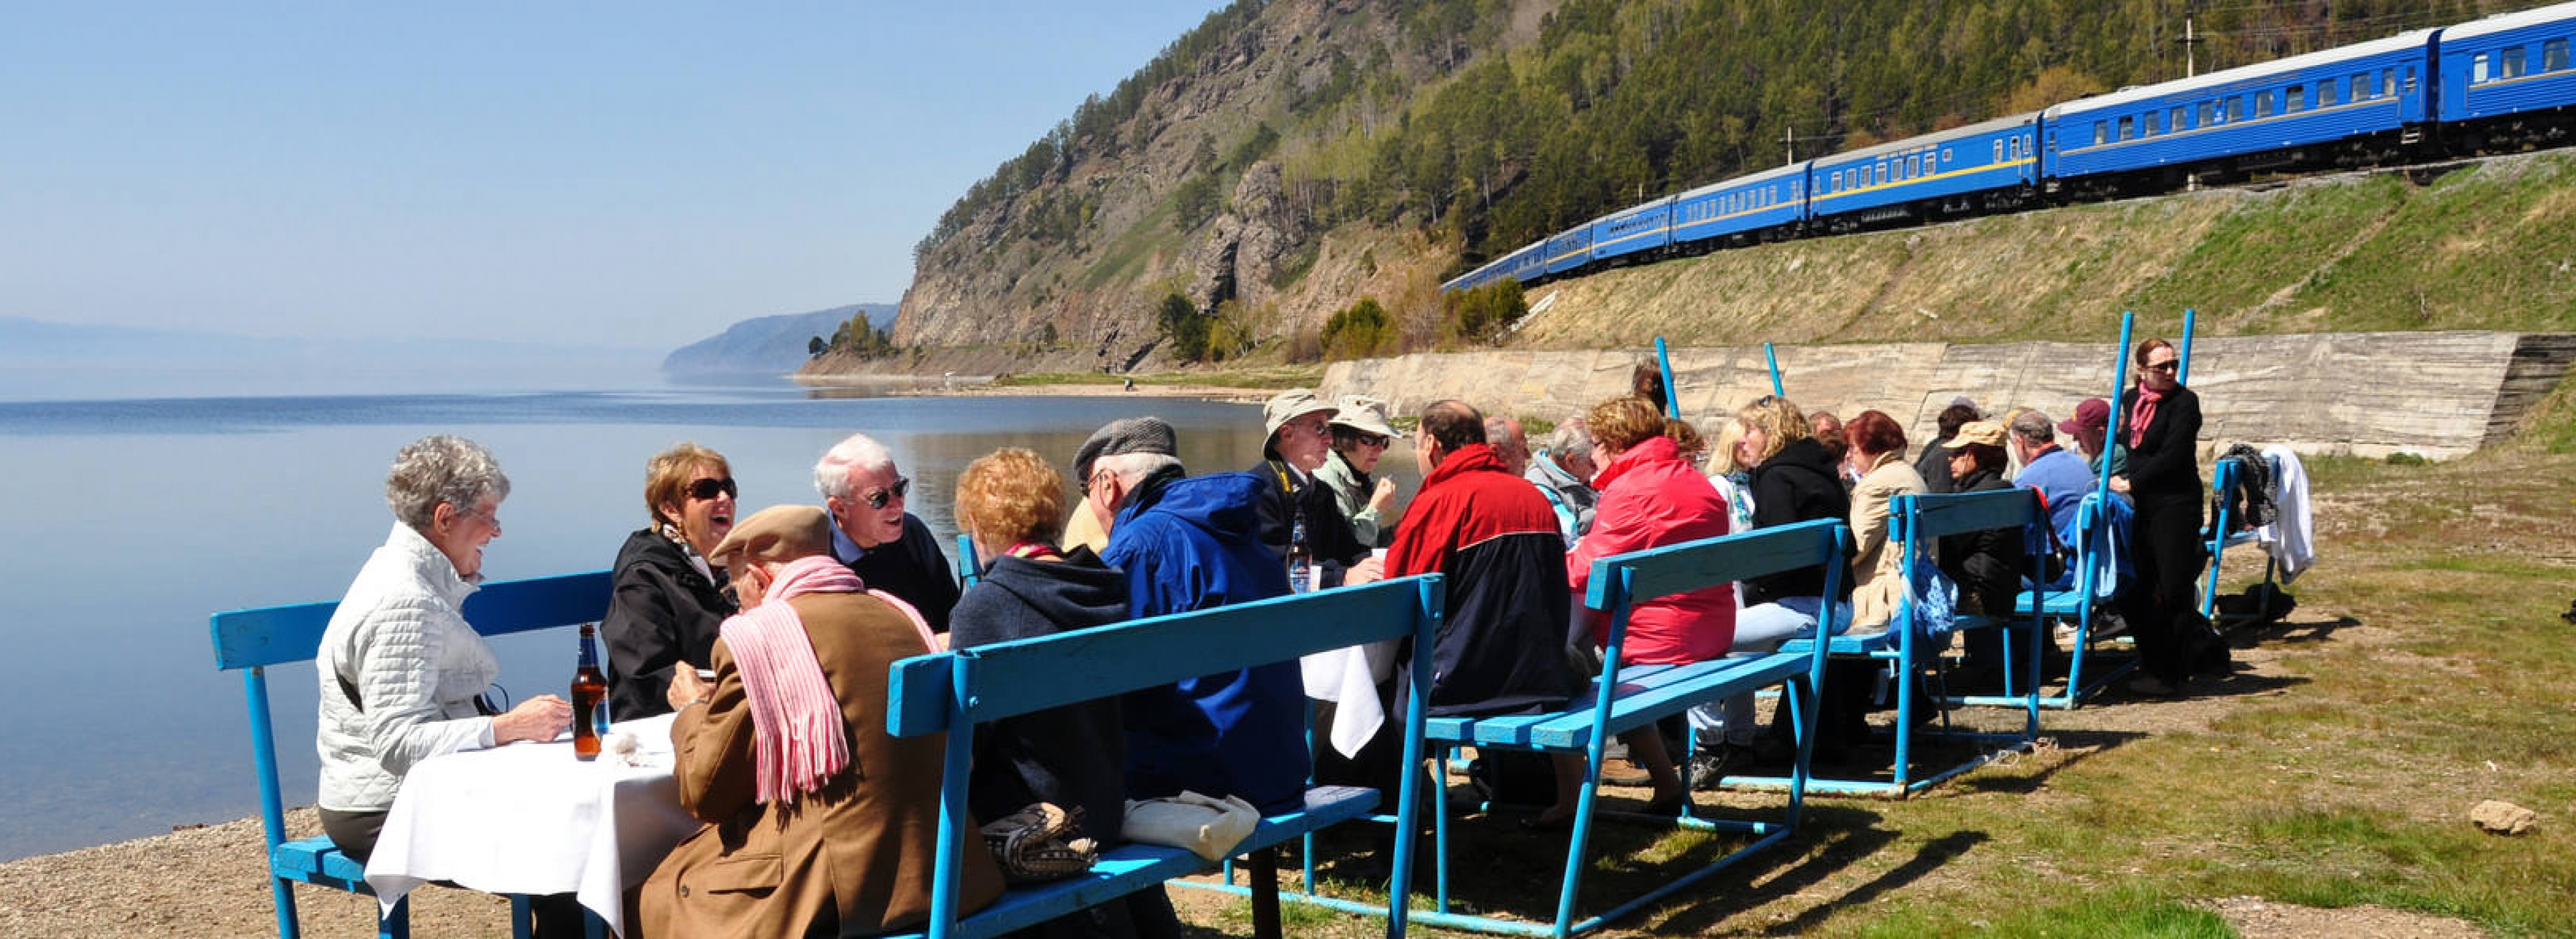 Golden Eagle Train Tour